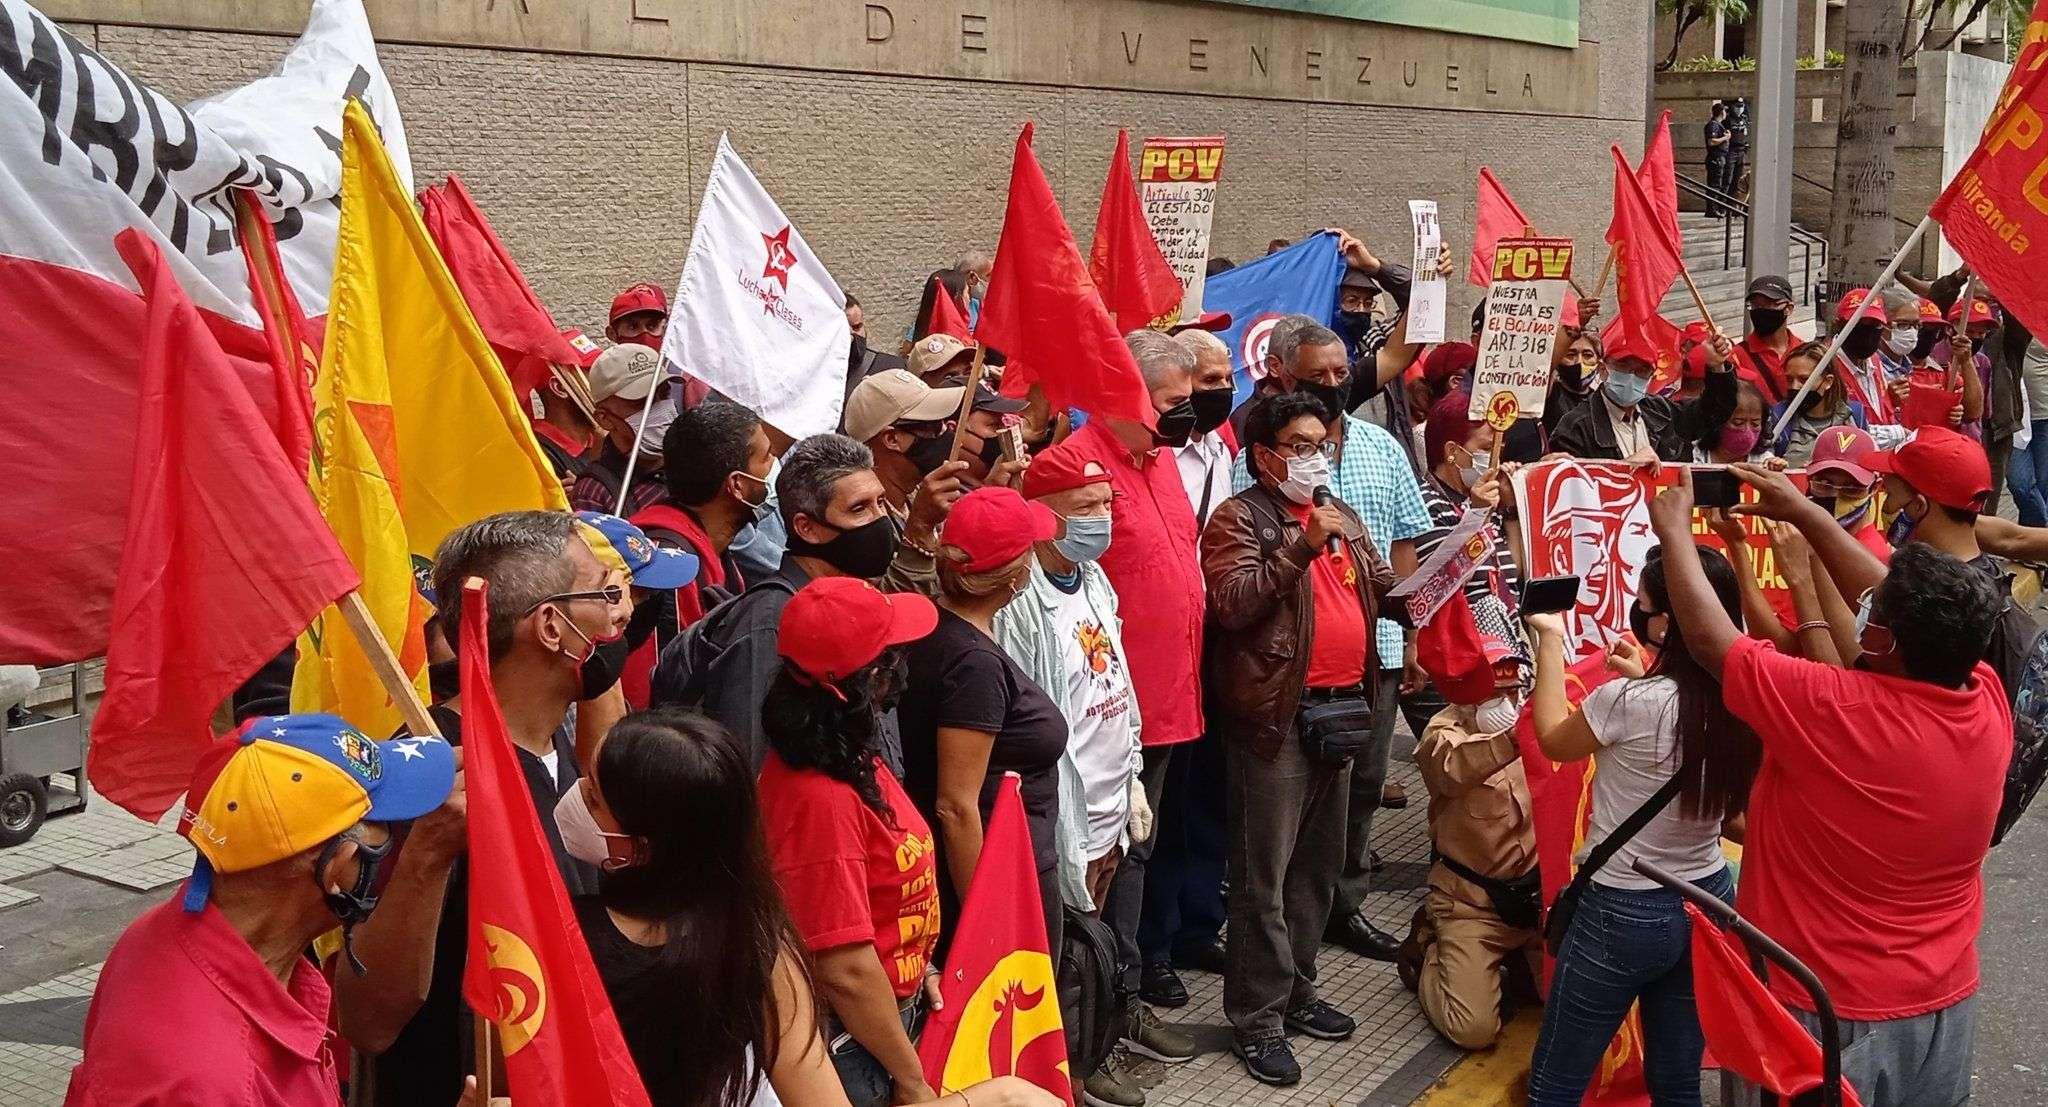 Partido Comunista de Venezuela denunciar el bloqueo mediático manifestacion